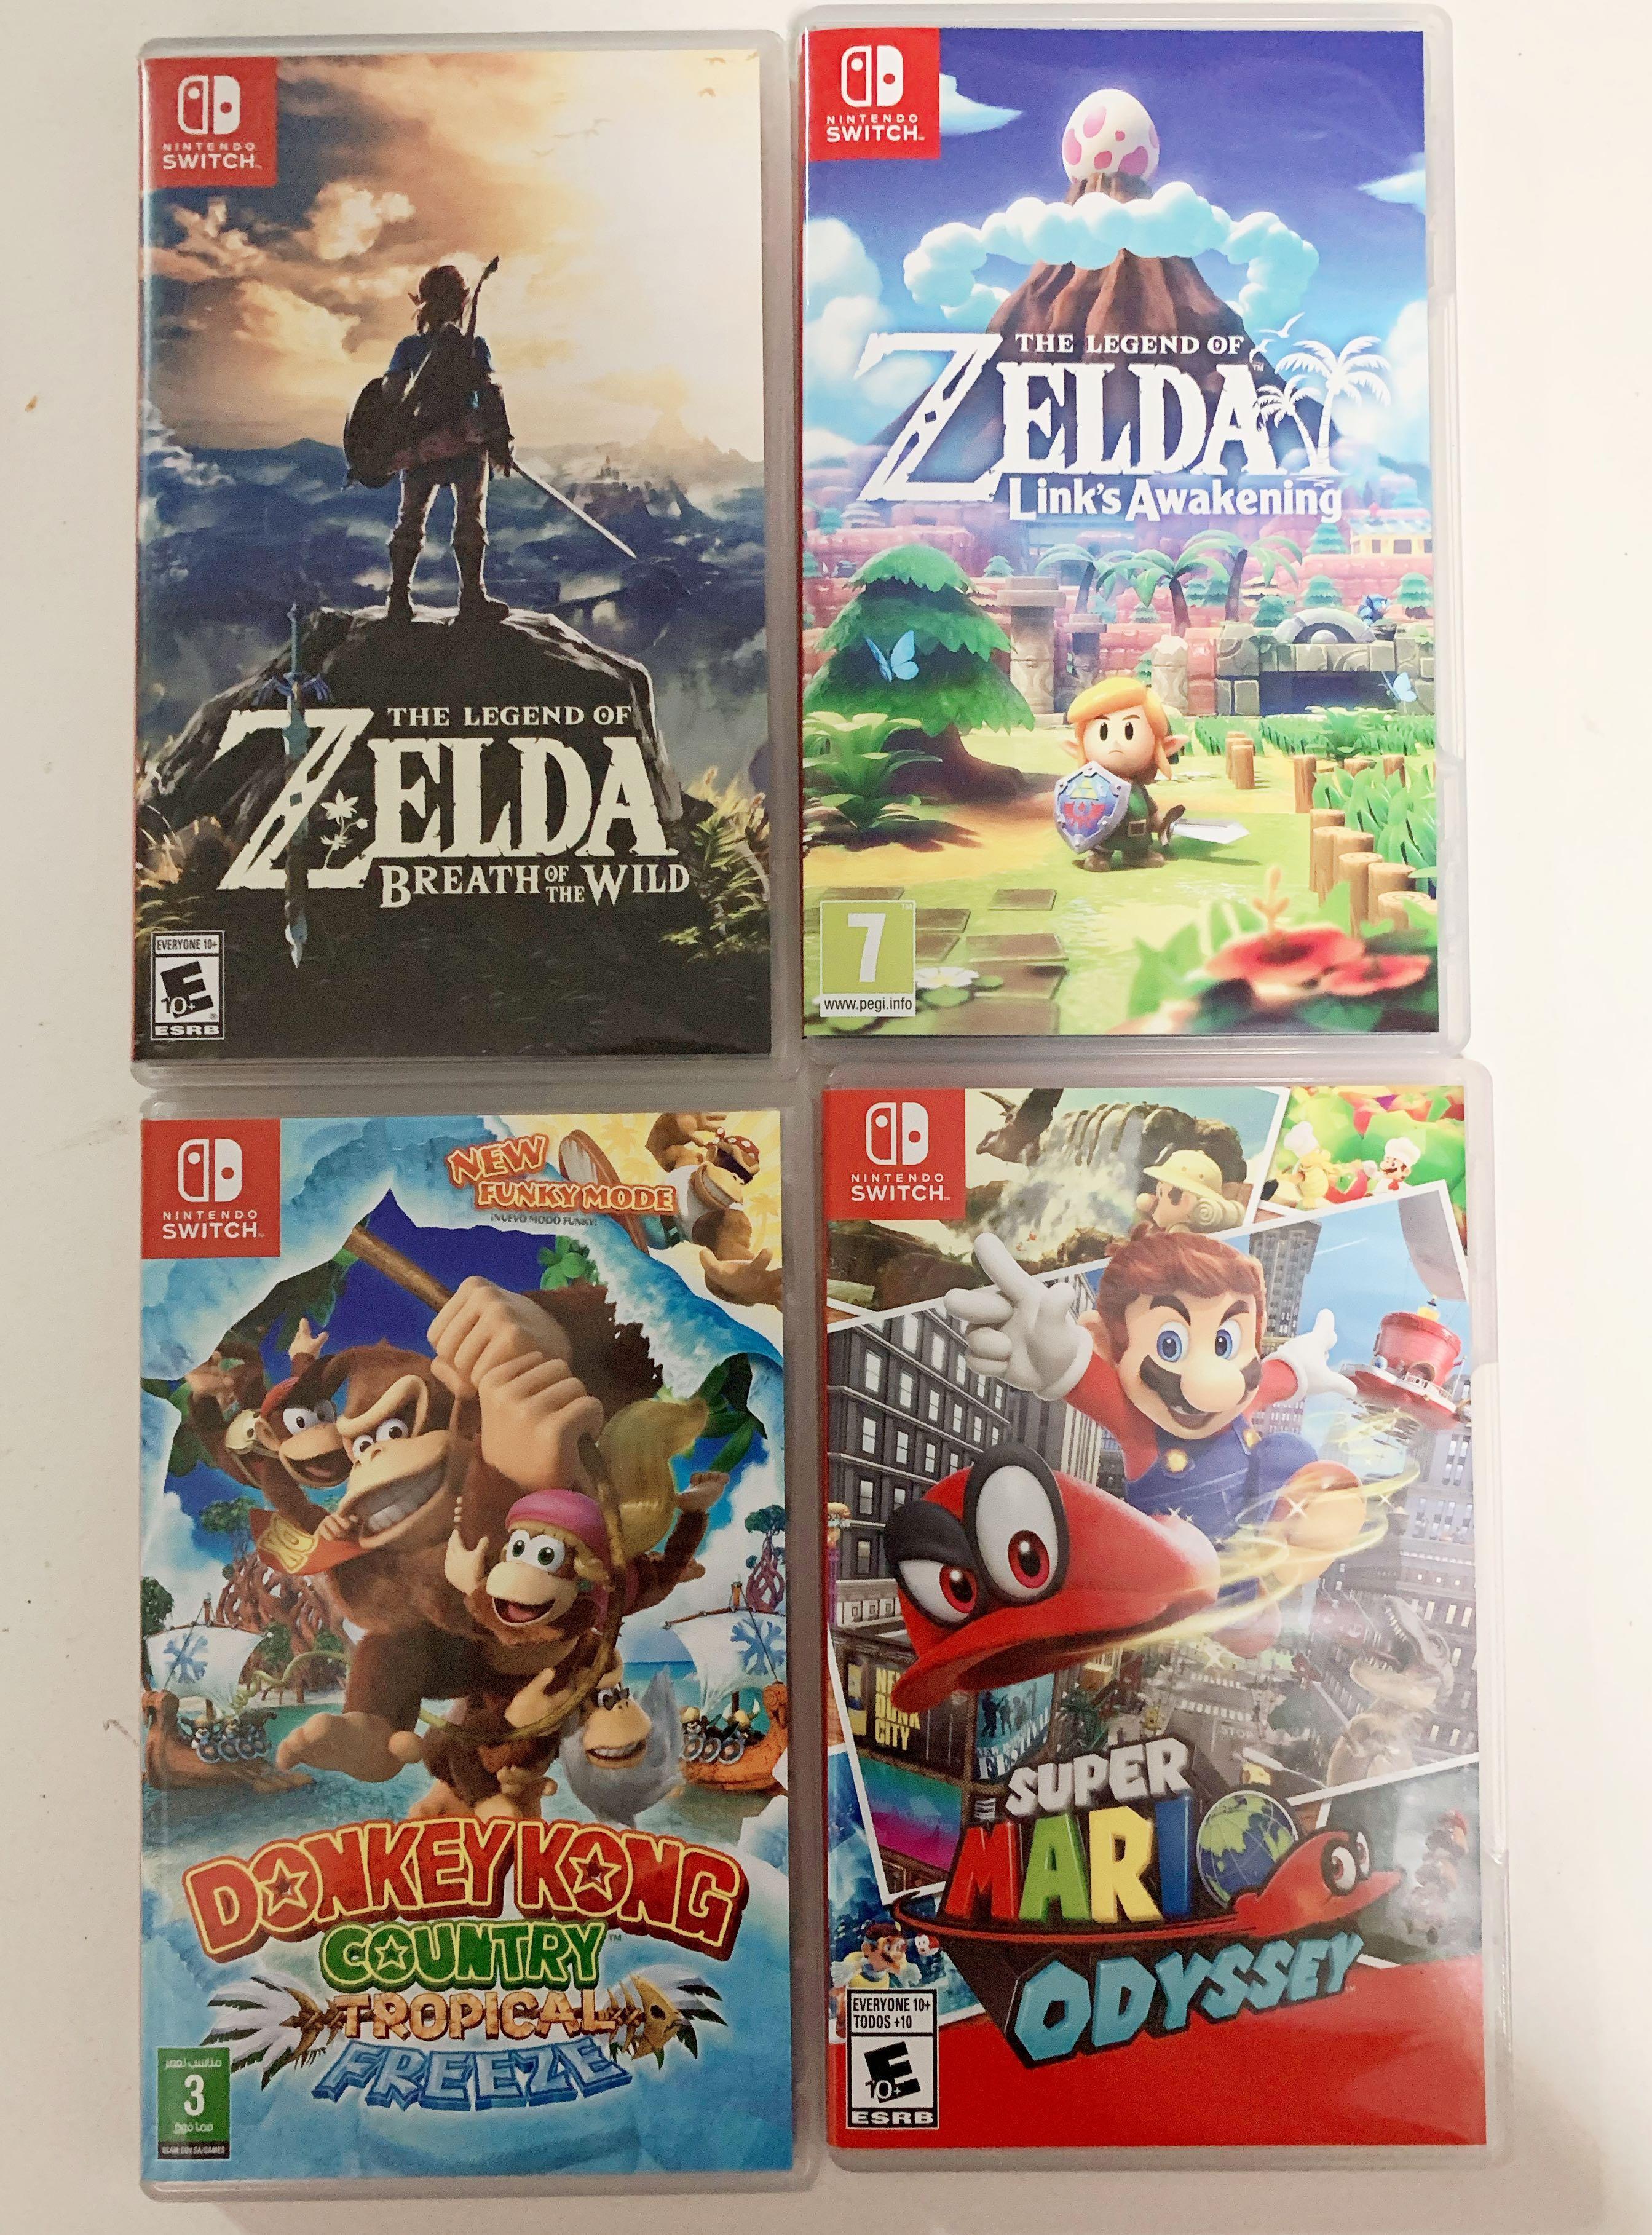 Zelda link's awakening, Zelda BOTW, Super Mario Odyssey, Donkey Kong RENTAL